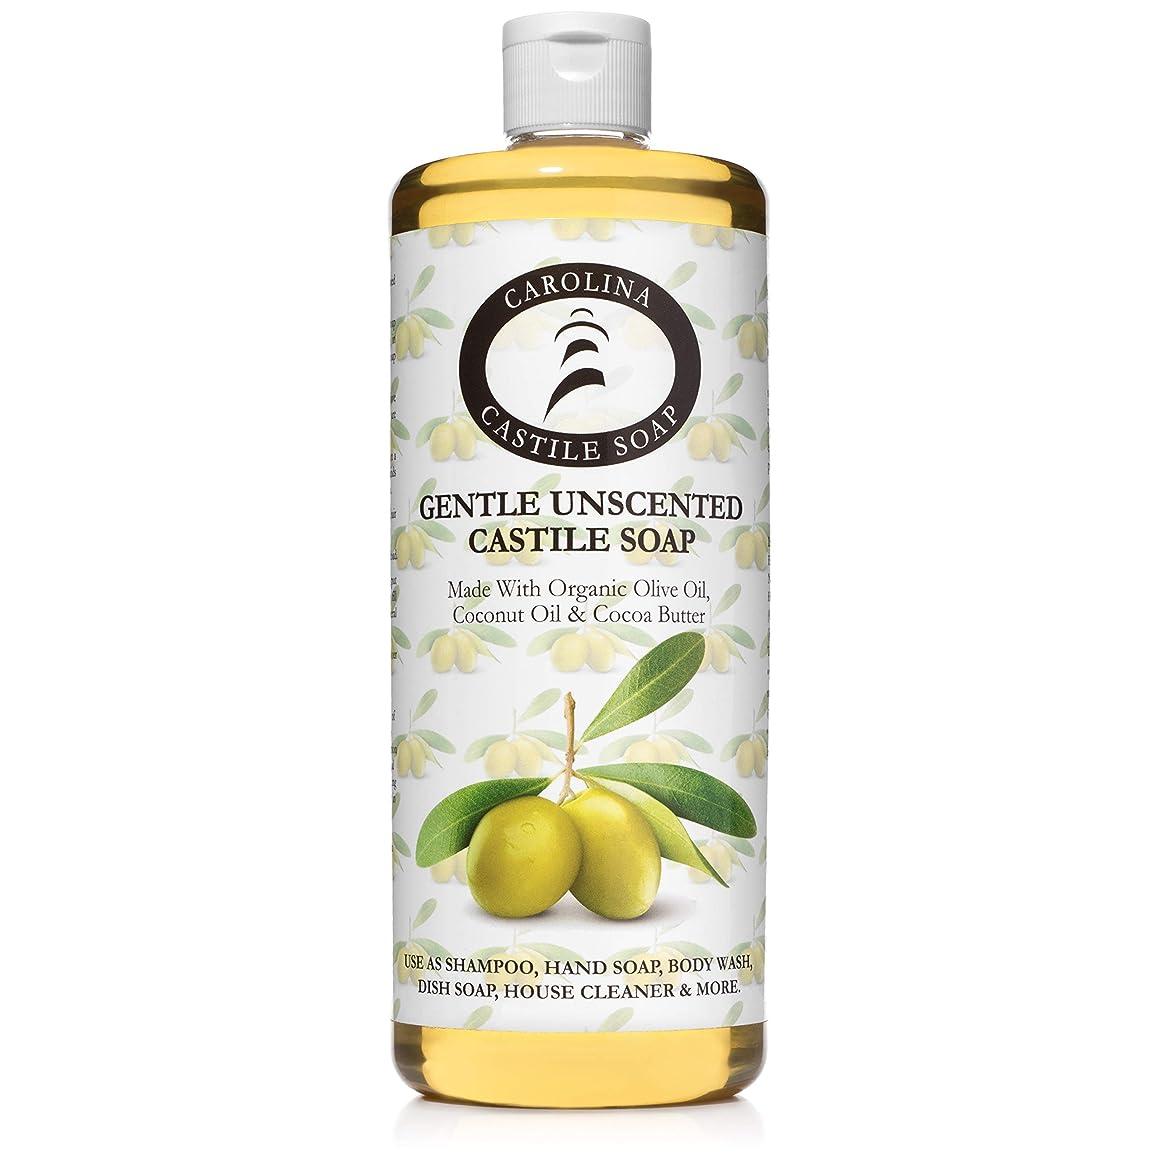 基礎理論政権急いでCarolina Castile Soap ジェントル無香料認定オーガニック 32オズ